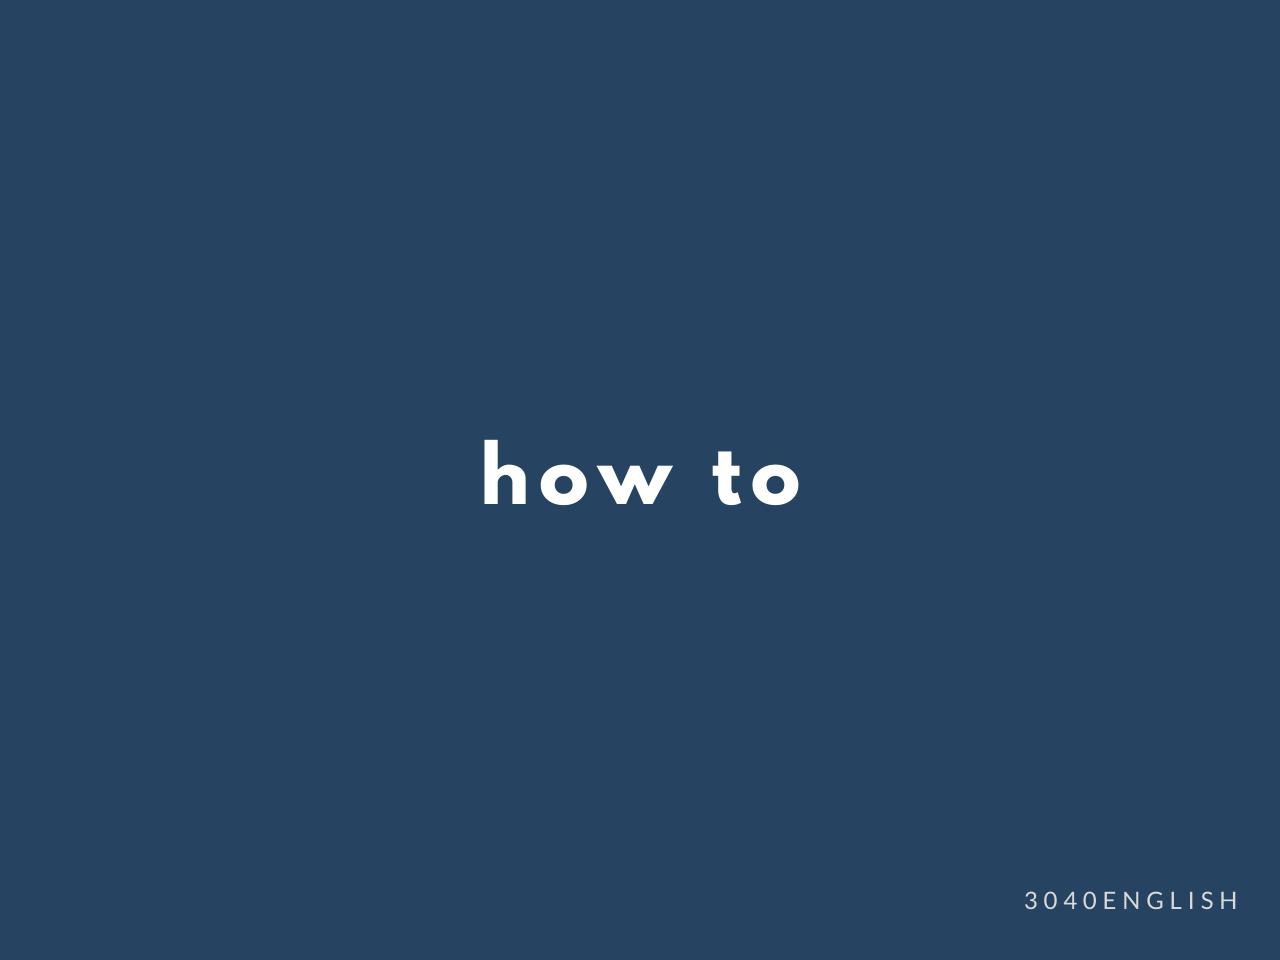 【初心者向け】一番簡単な実践的英会話勉強法